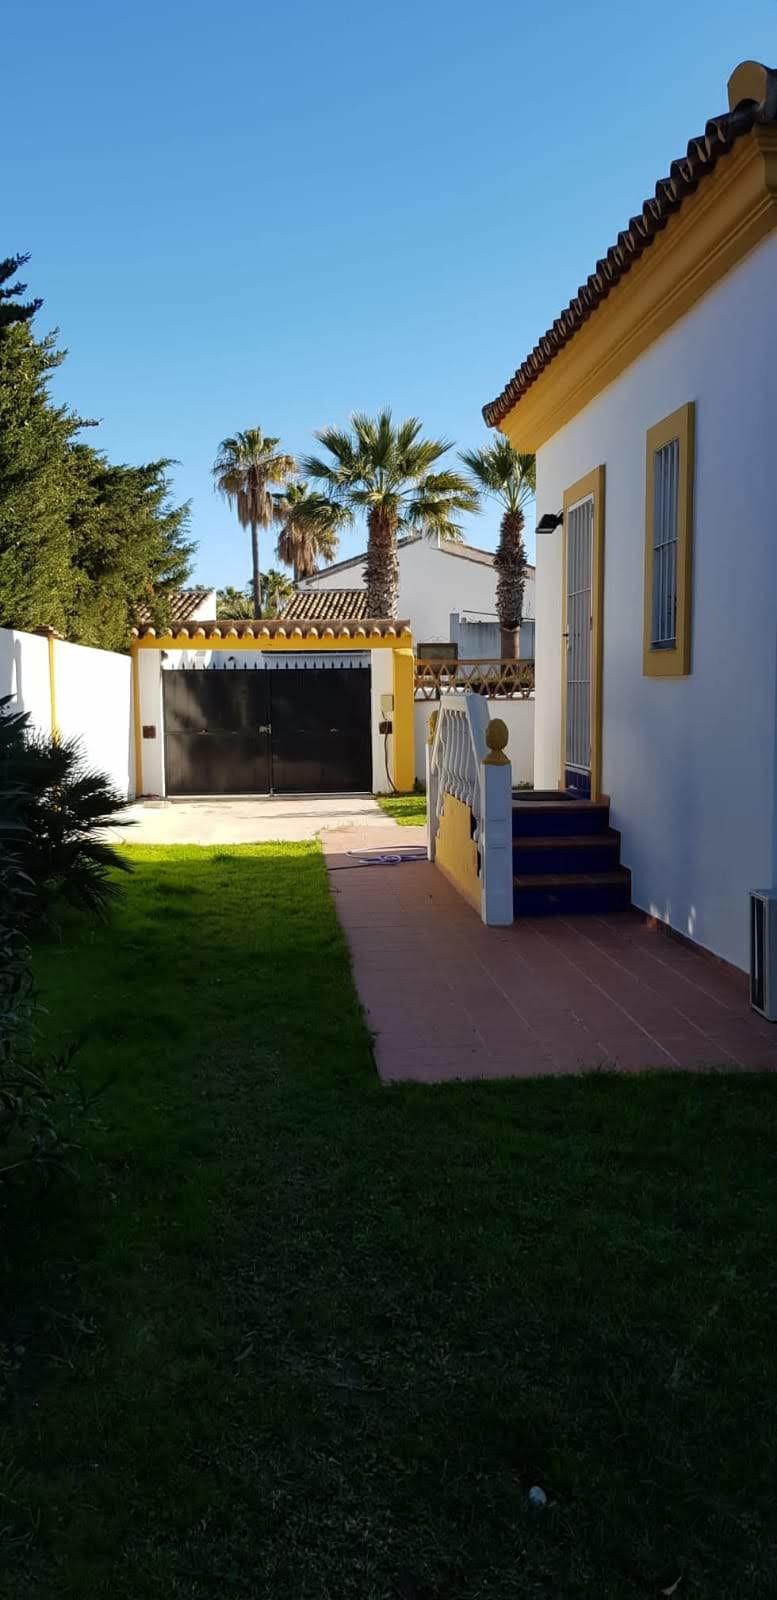 4 Bedroom Villa For Sale, Estepona